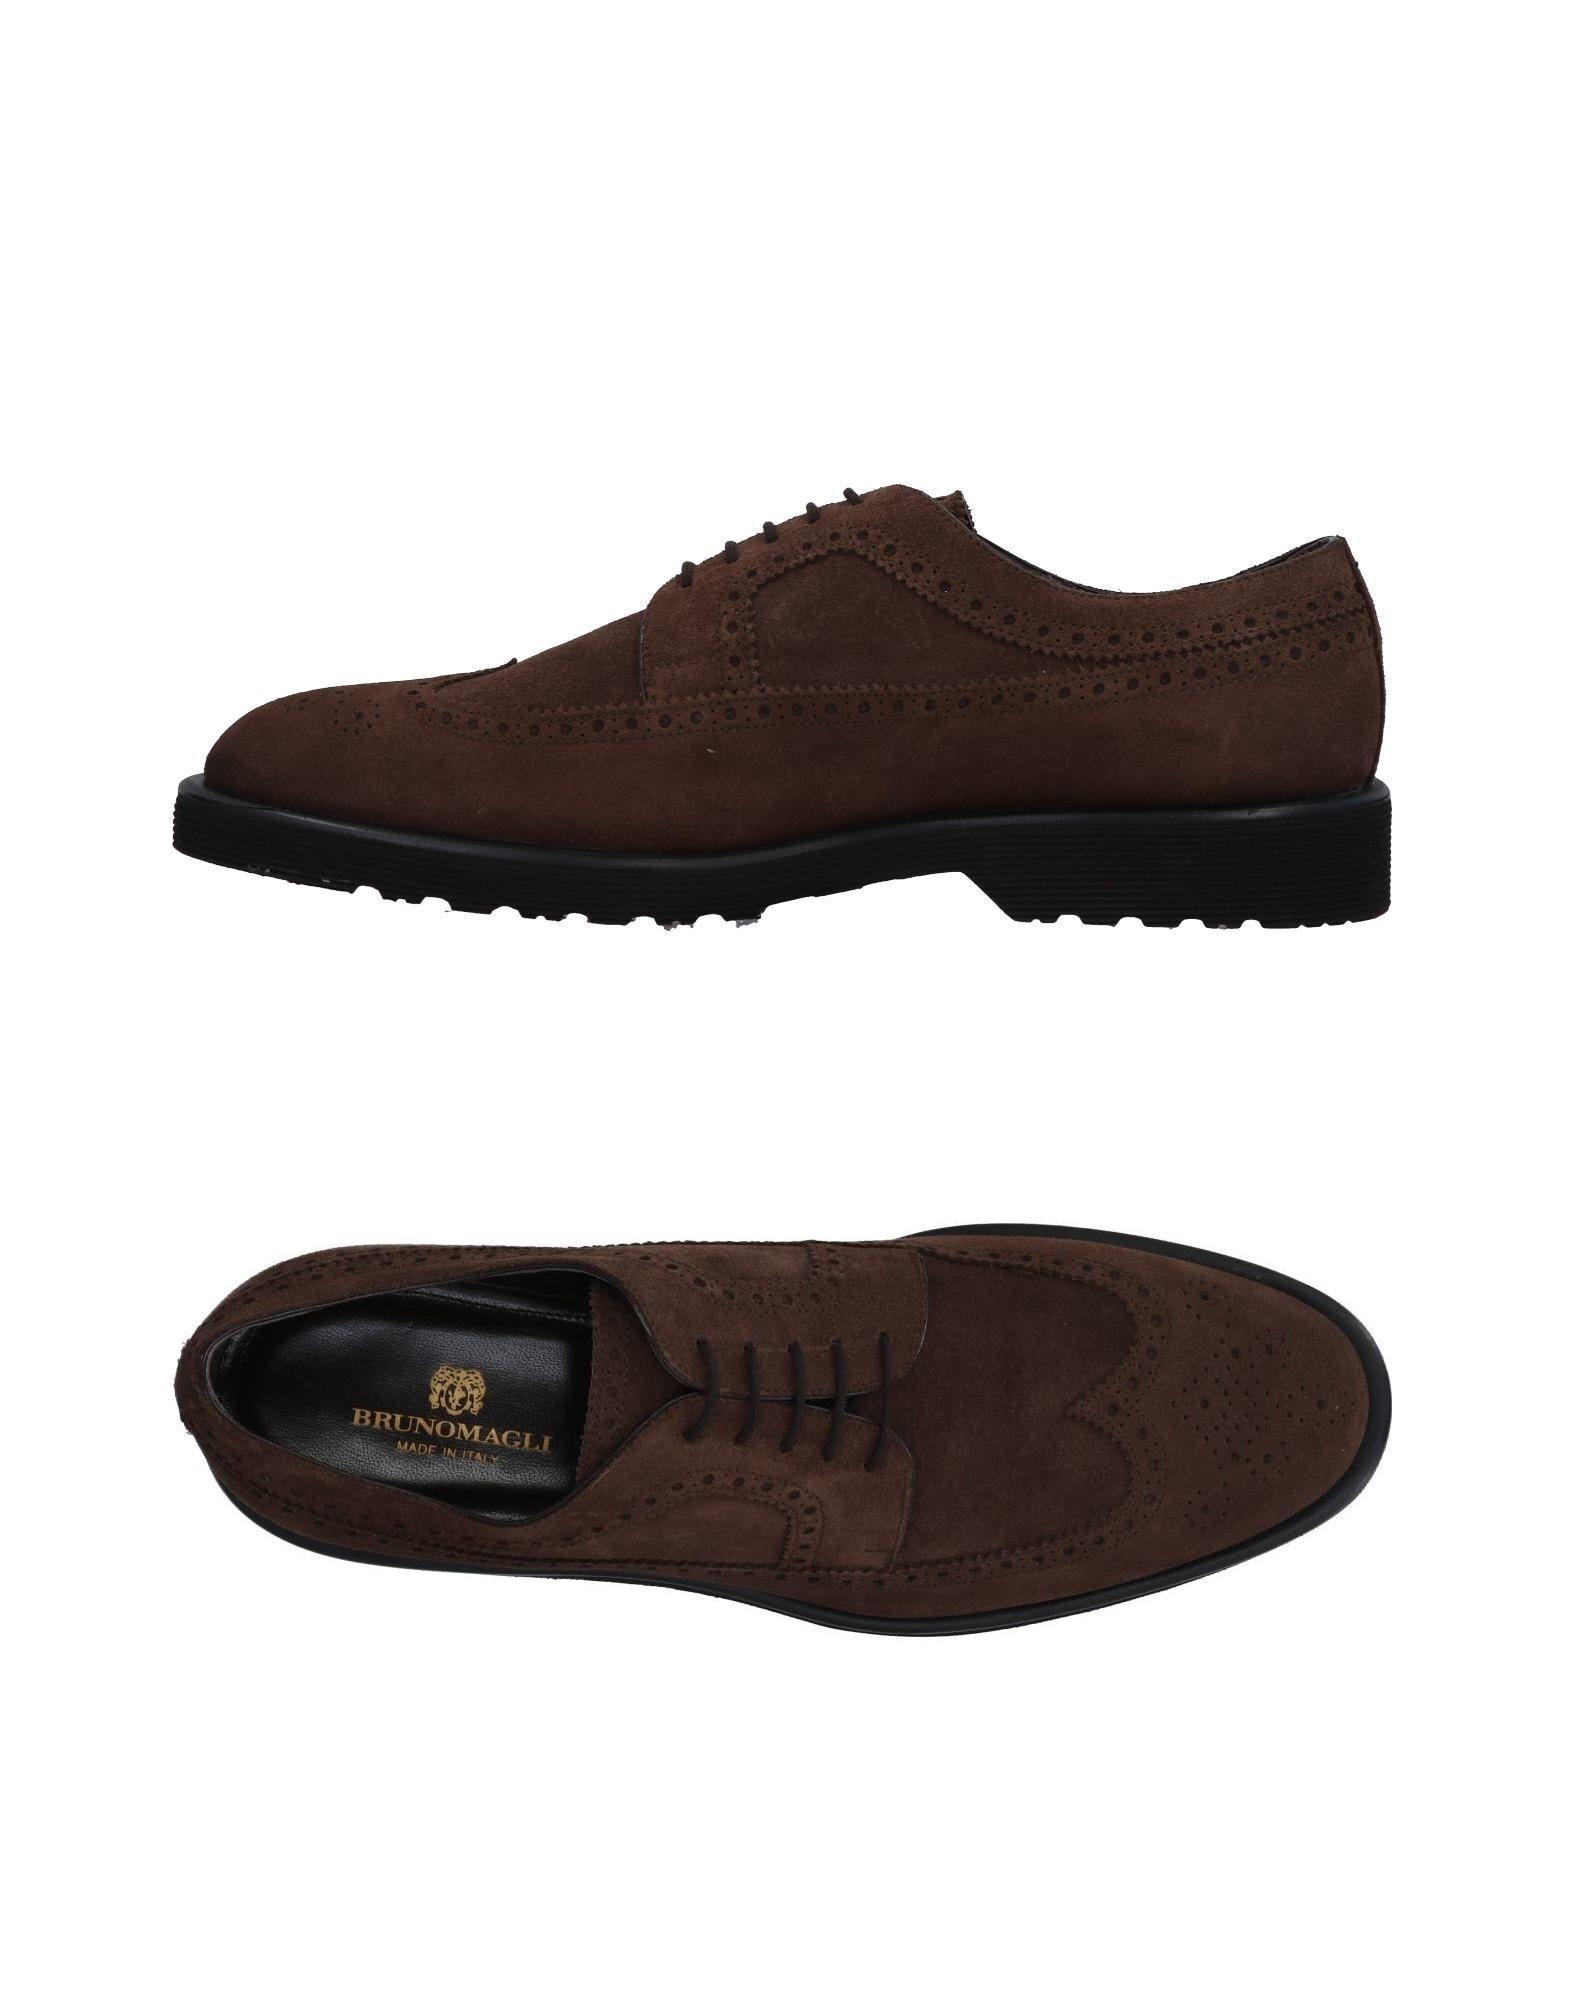 Bruno Magli Schnürschuhe Herren  11490684XO Gute Qualität beliebte Schuhe